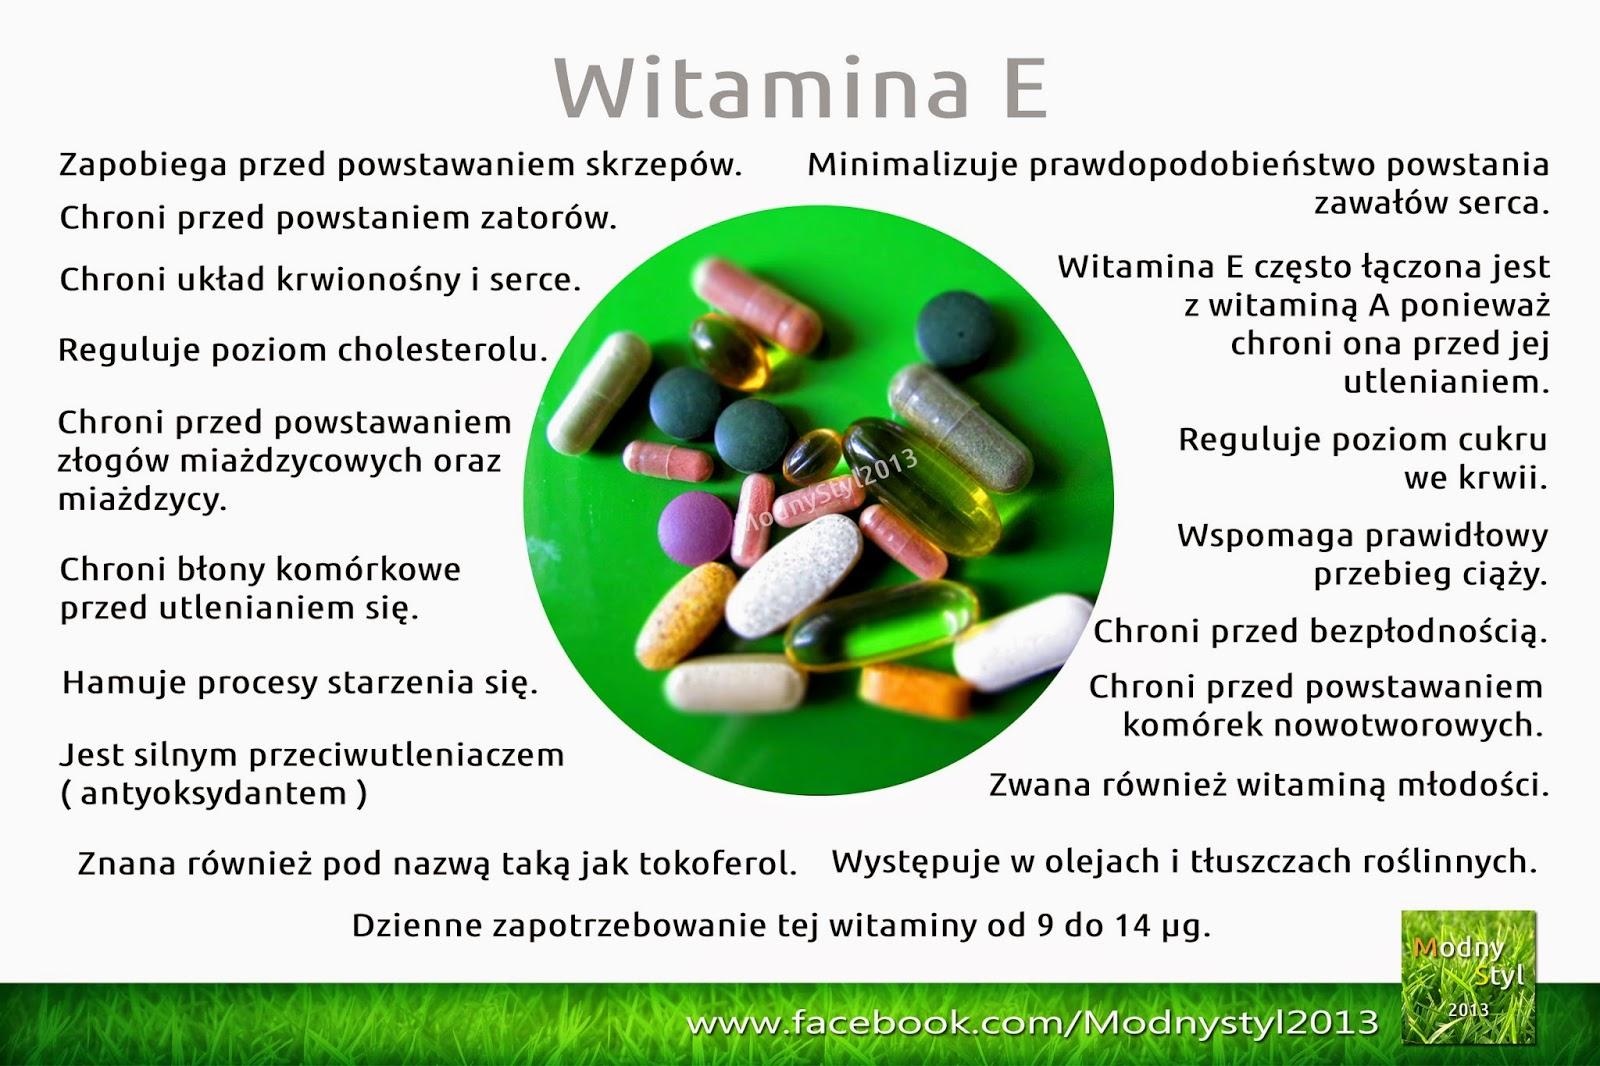 Witamina E zwana również tokoferolem